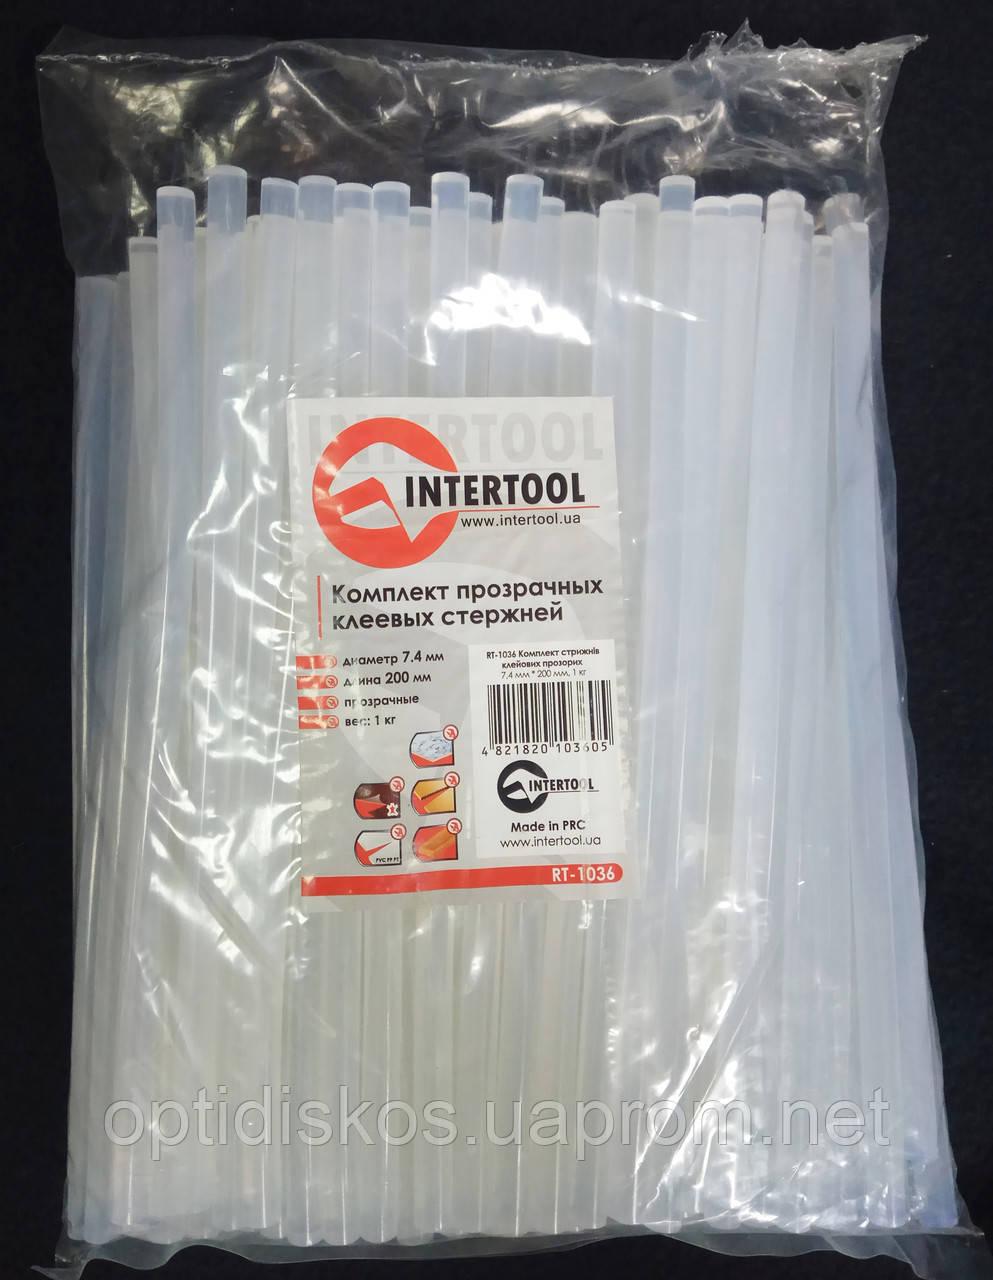 Клеевые стержни (термоклей) Intertool Ø7,4 мм тонкие прозрачные